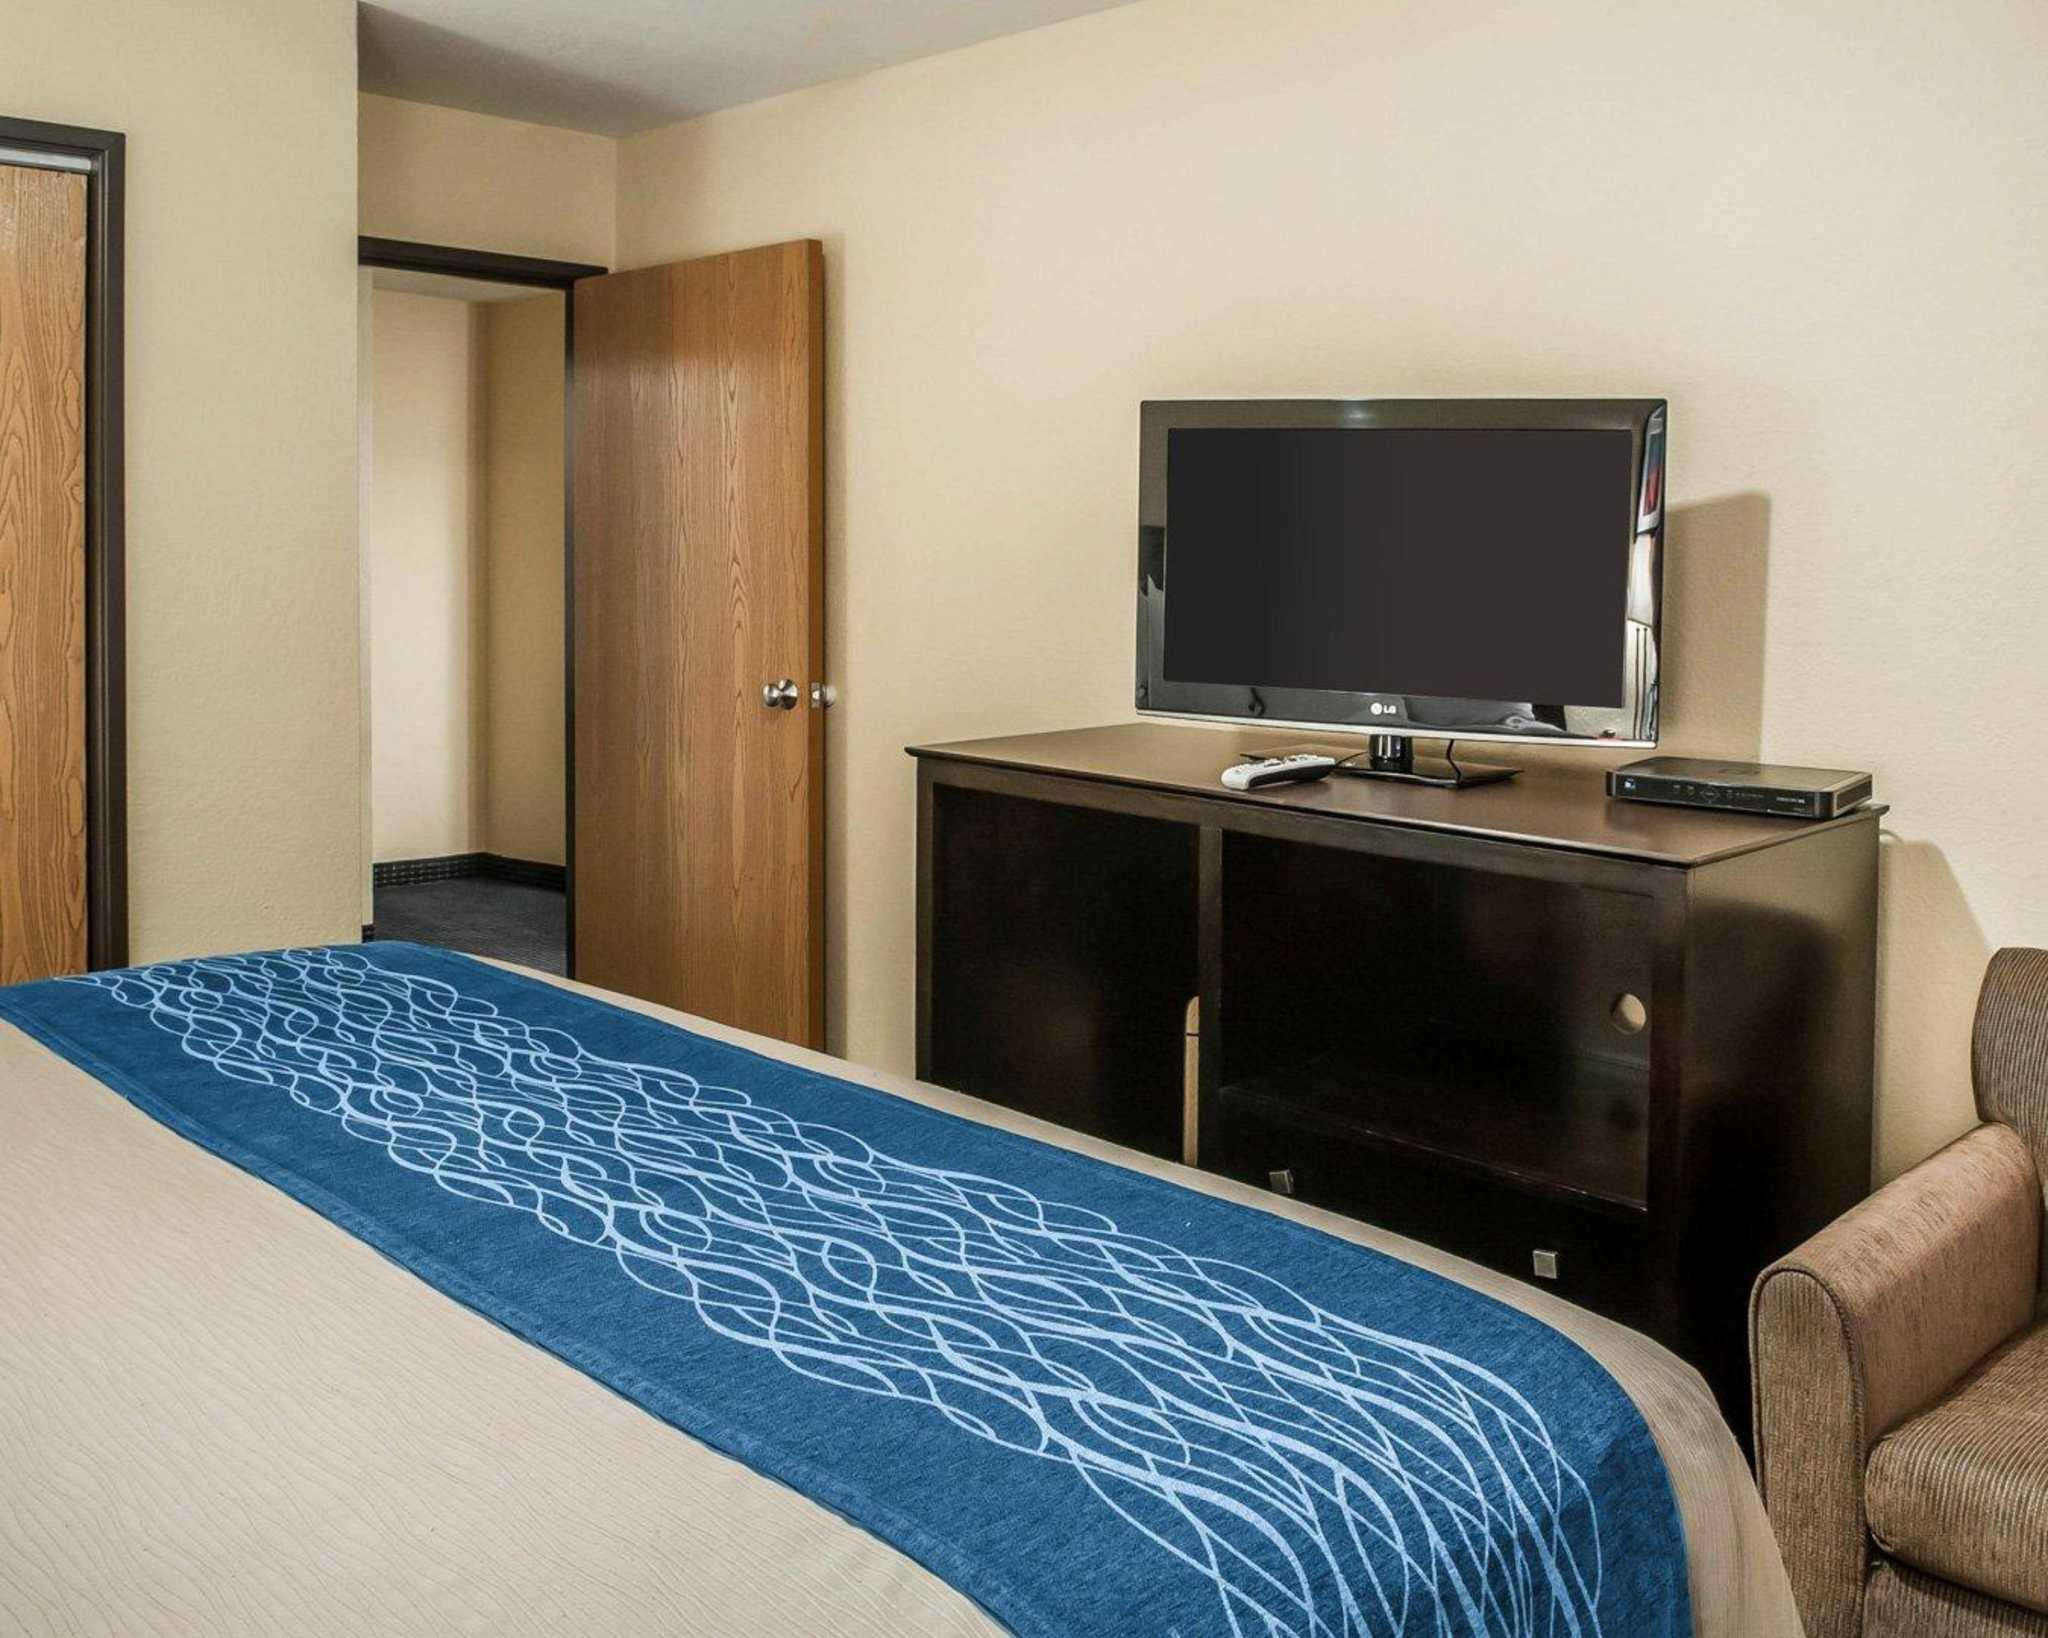 Comfort Inn image 23